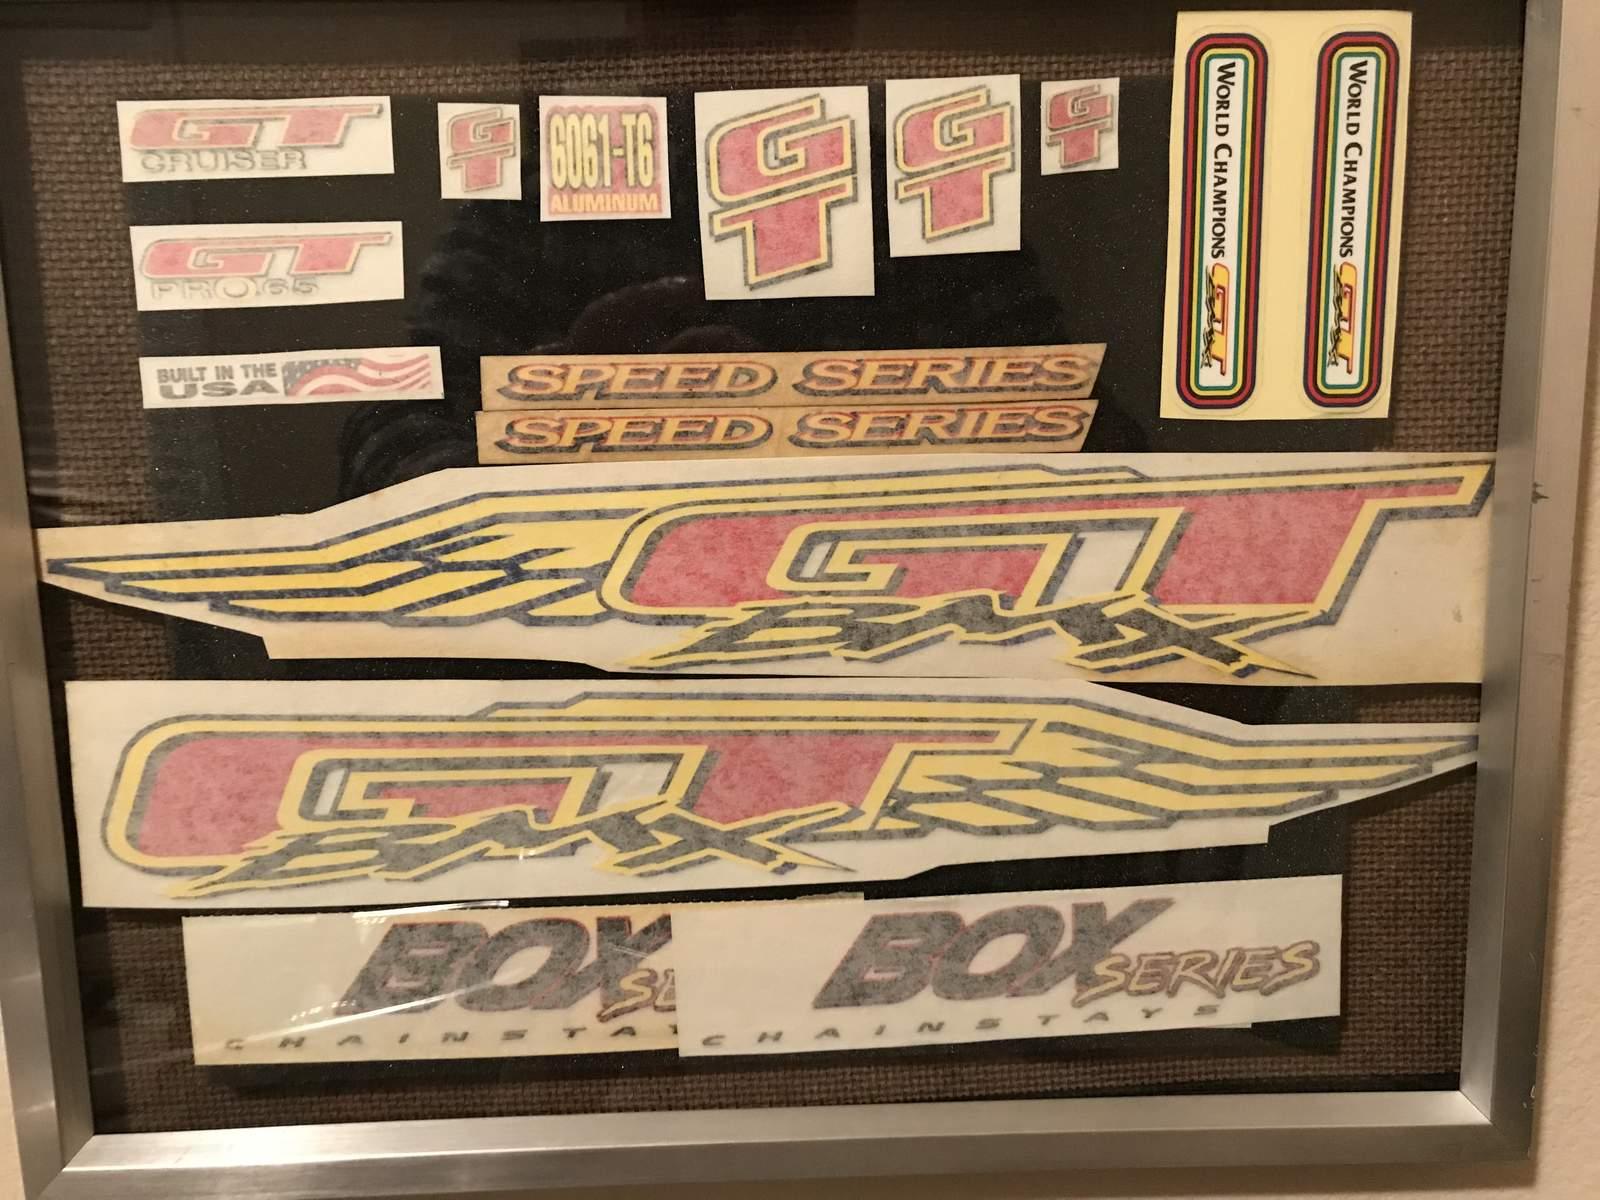 http://uploads.bmxmuseum.com/user-images/234558/8b86be5c-814f-4db7-9c0c-2438f783a6f25c11986b4f.jpeg